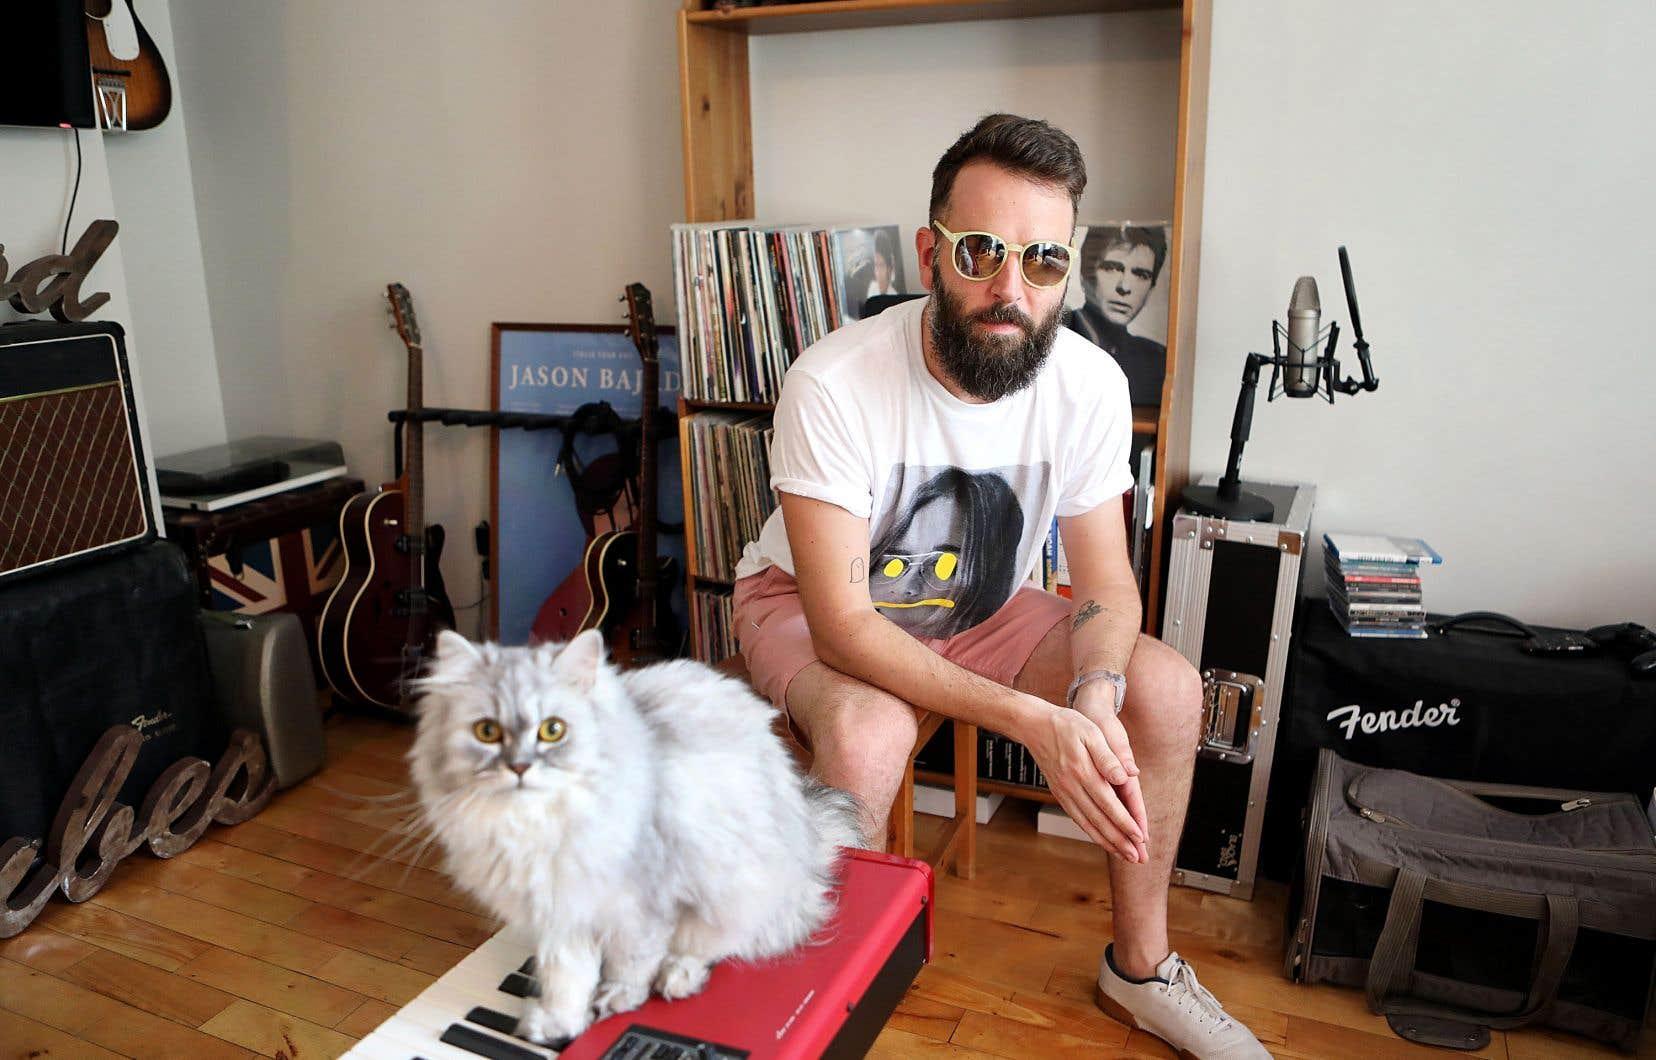 Comme artiste, Jason Bajada est lui-même régulièrement interviewé, mais là, c'est lui qui avait envie de poser des questions.